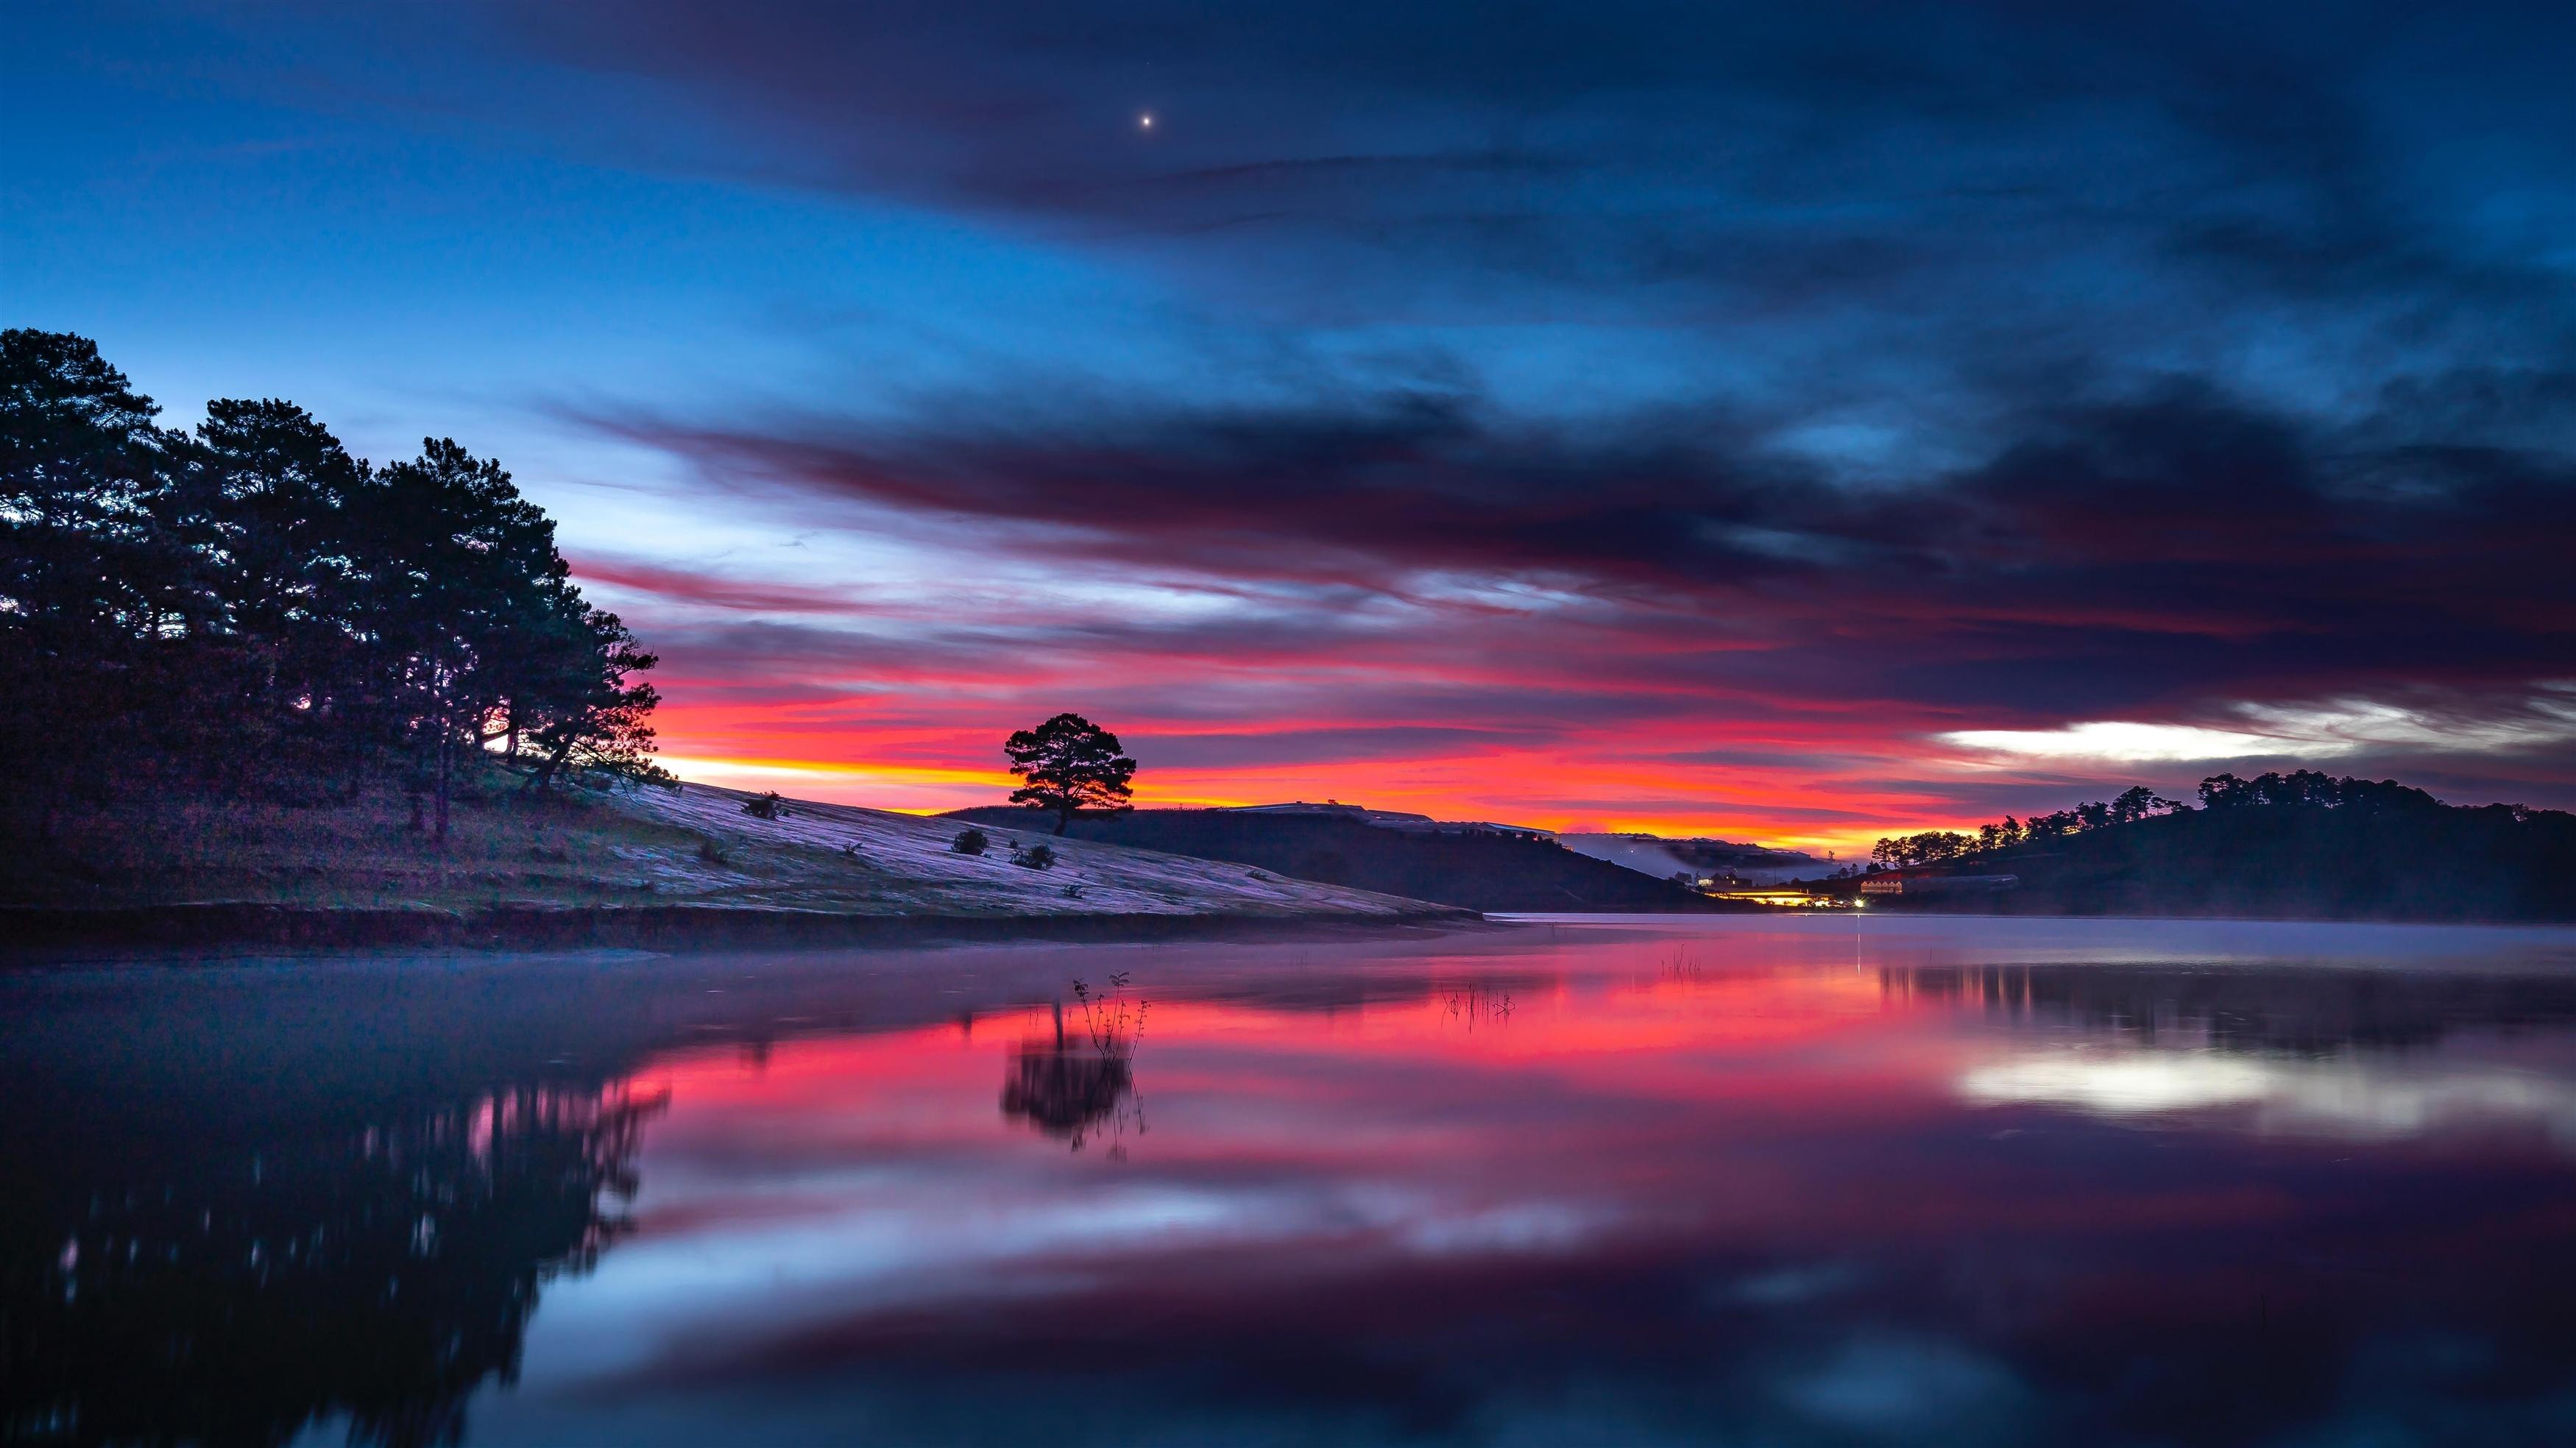 Закат озеро пейзаж обои скачать